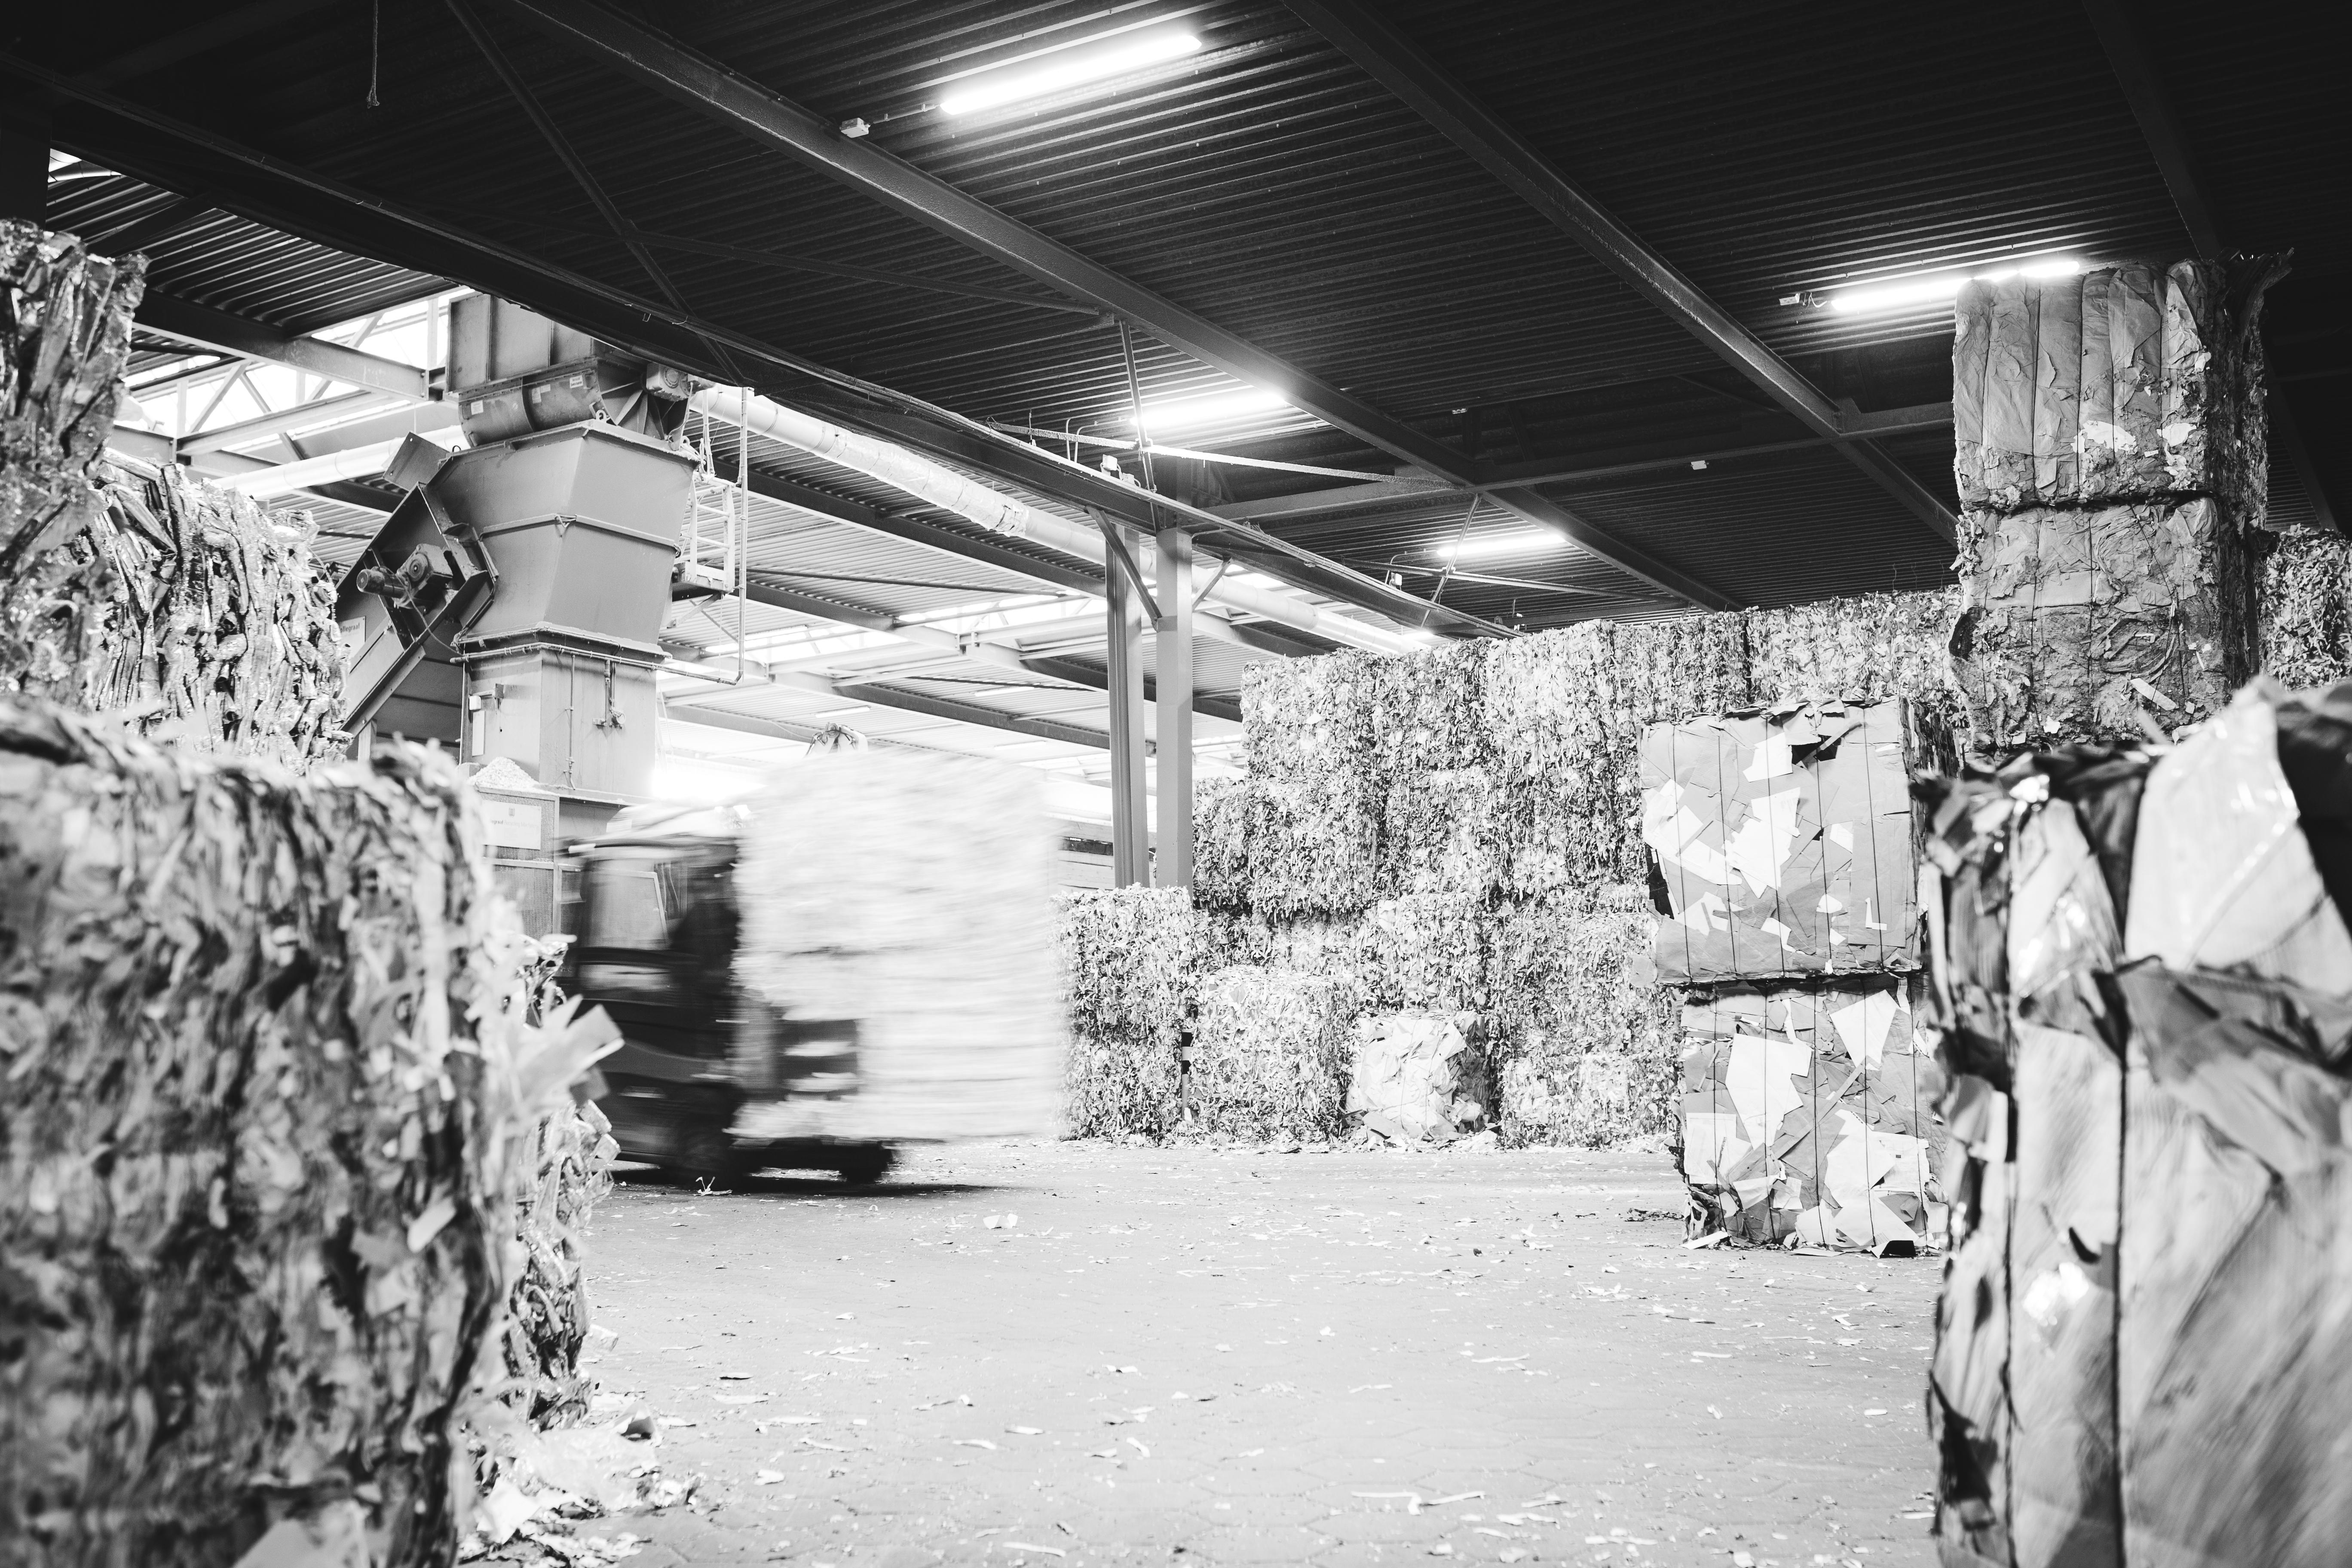 Heftruck rijdt door magazijn van afval en recyclingbedrijf Van Gerrevink in Apeldoorn tbv archiefvernietiging